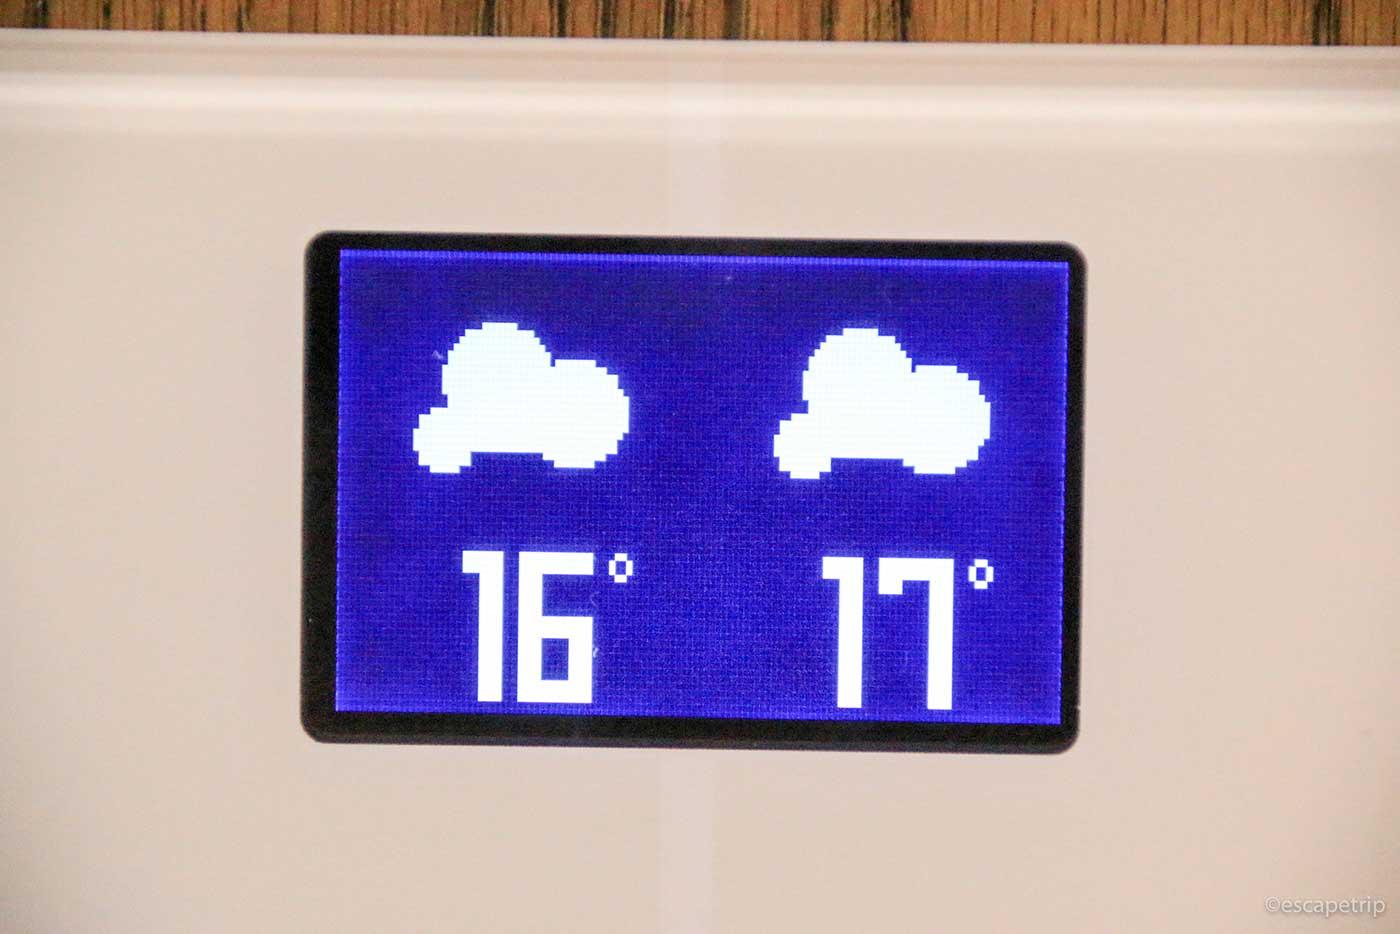 体重計に表示される天気予報